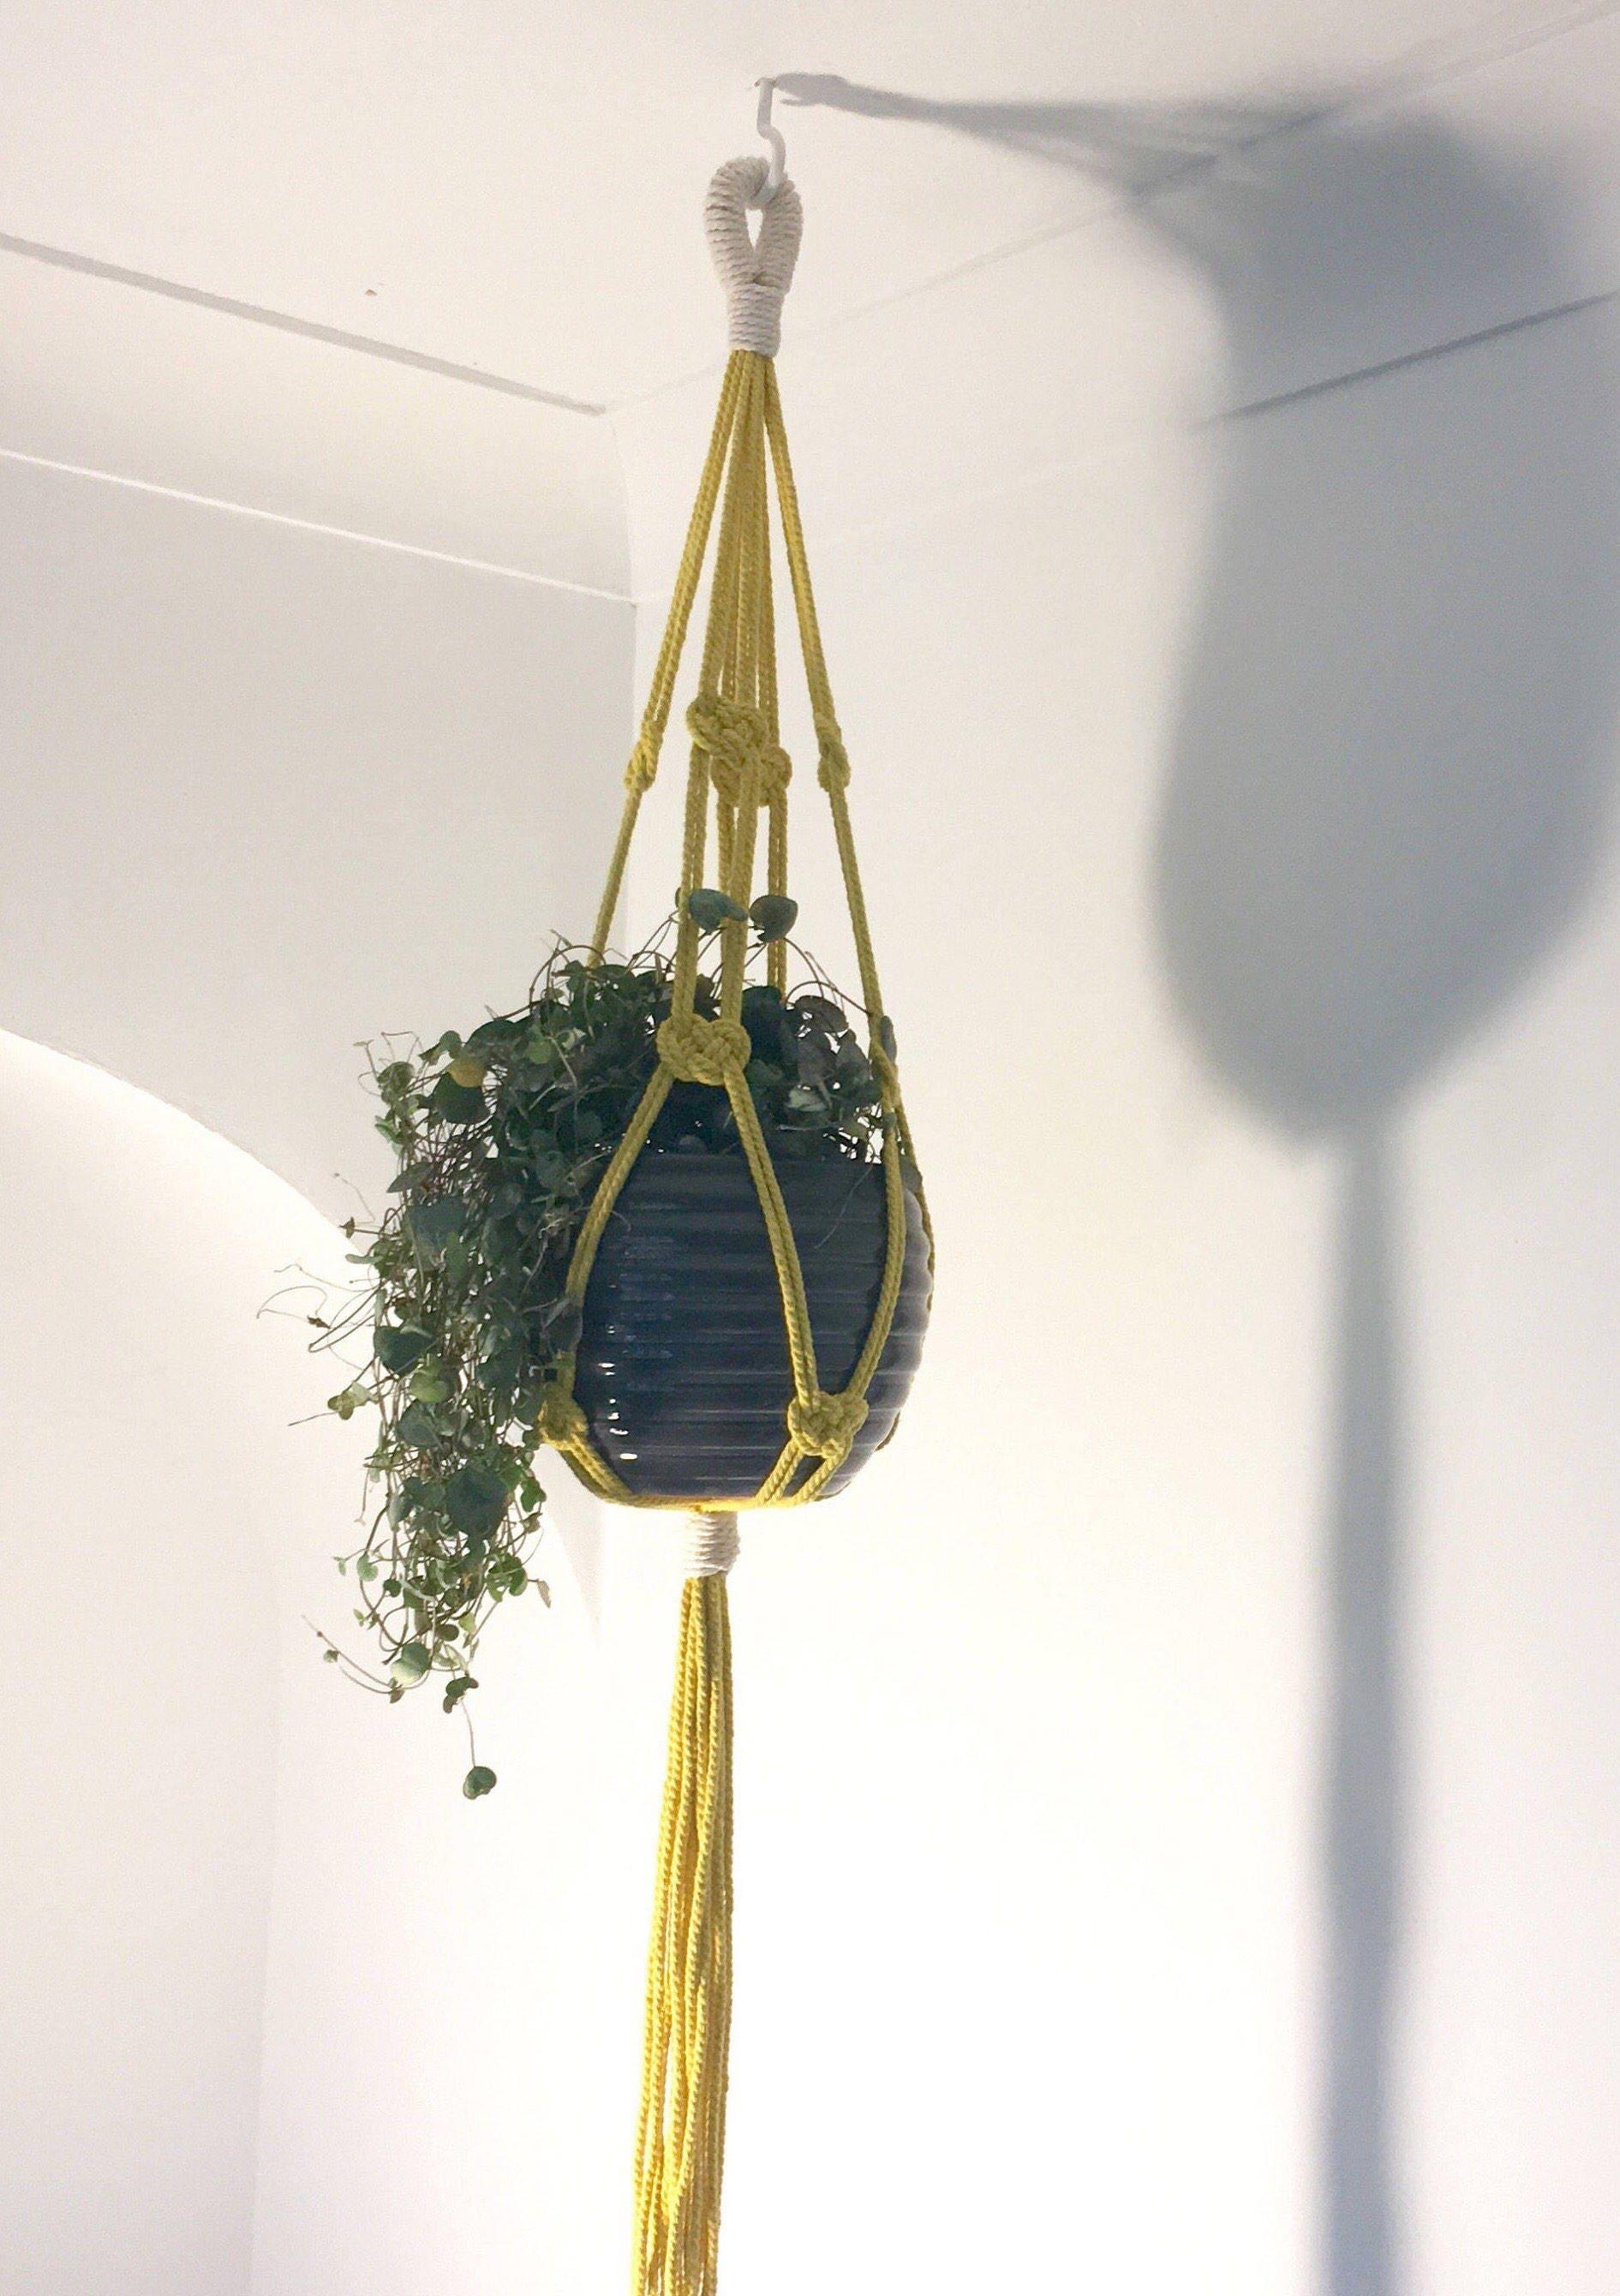 Coloured Macrame plant hanger Josephine hanging planter  houseplant  boho  retro  scandi  midcentury  plant holder